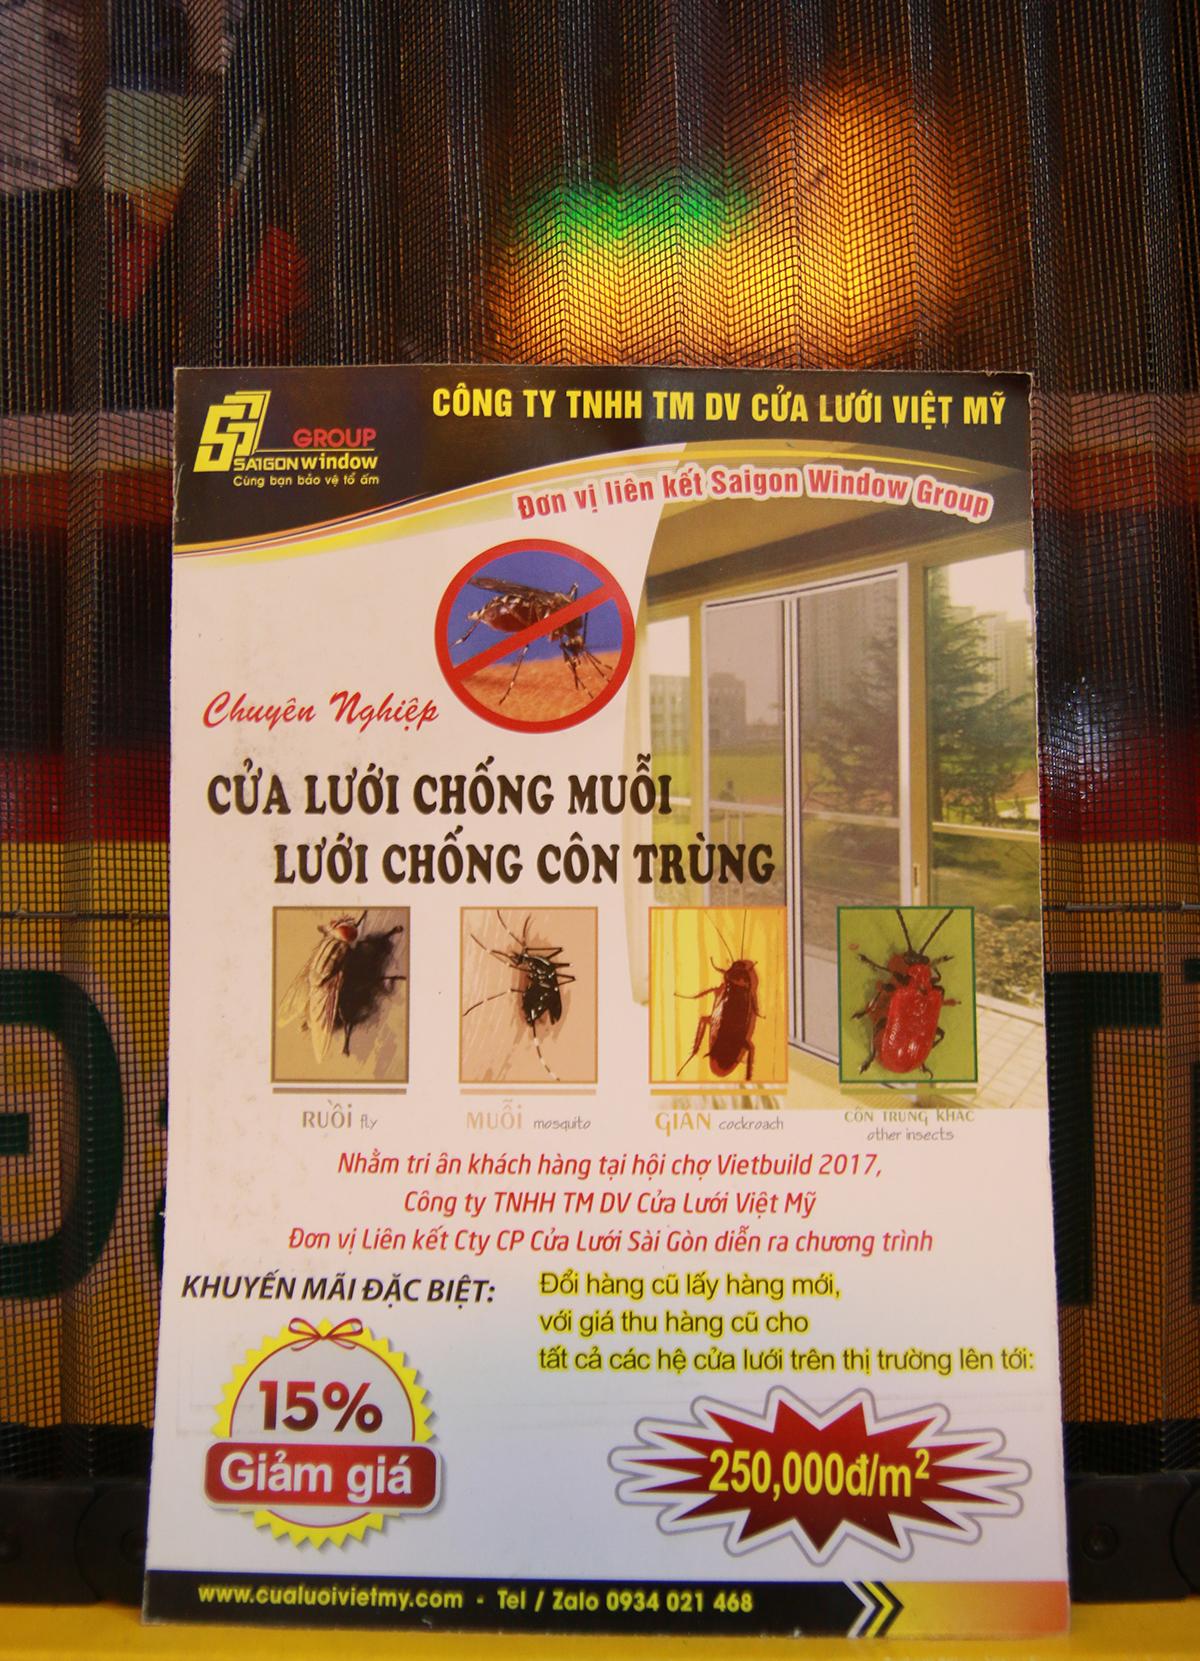 đổi cửa lưới chống muỗi mới chỉ với 250k/m2